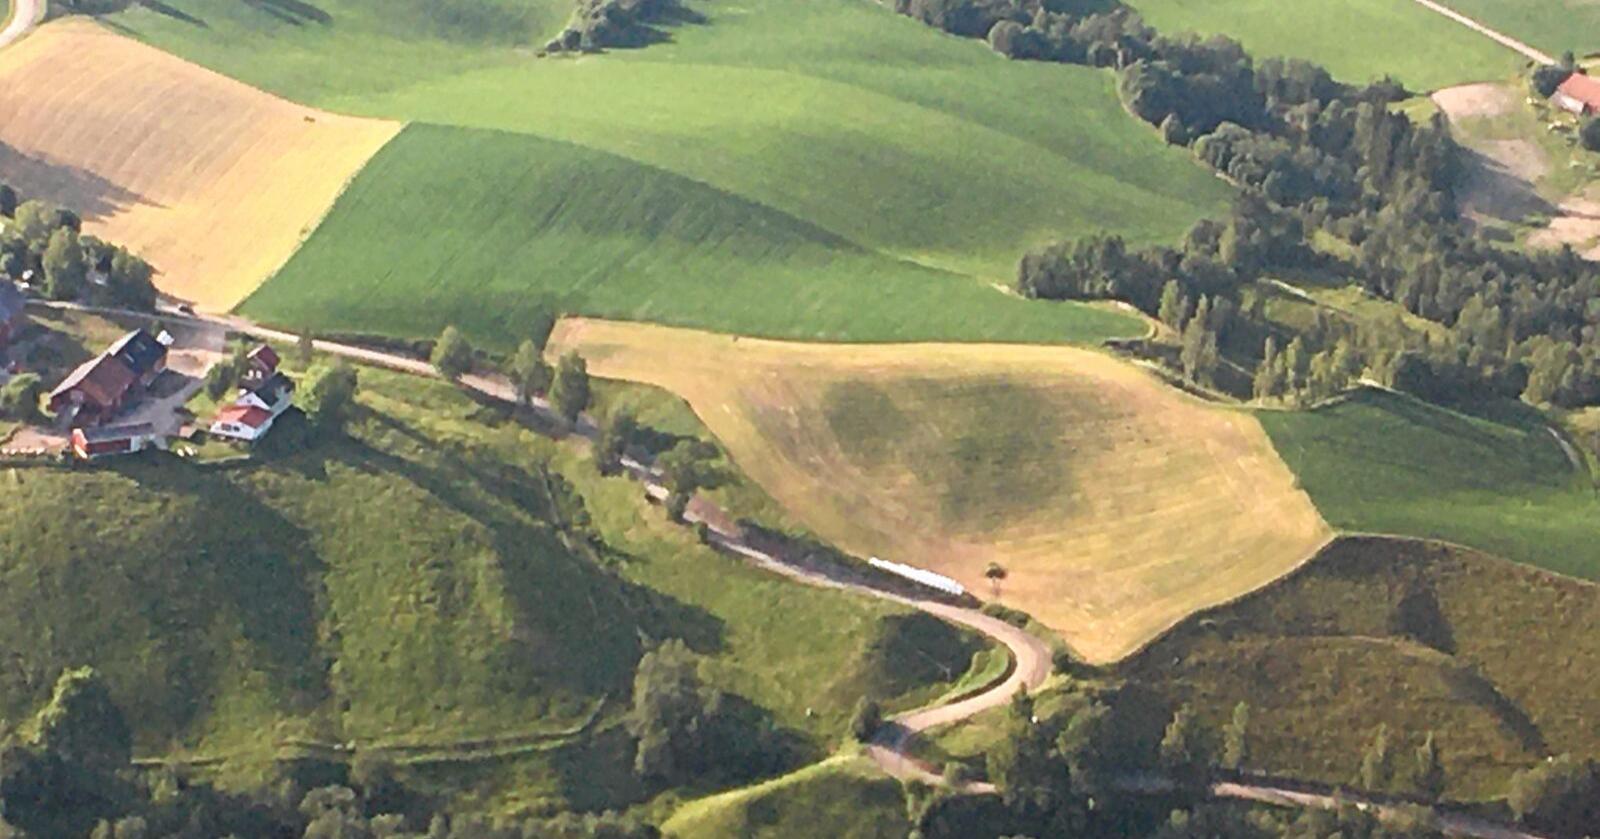 Nyslått: Siden 2004 er en halv million dekar kornjord lagt om til gras, stikk i strid med nasjonale mål. Foto: Hans Bårdsgård